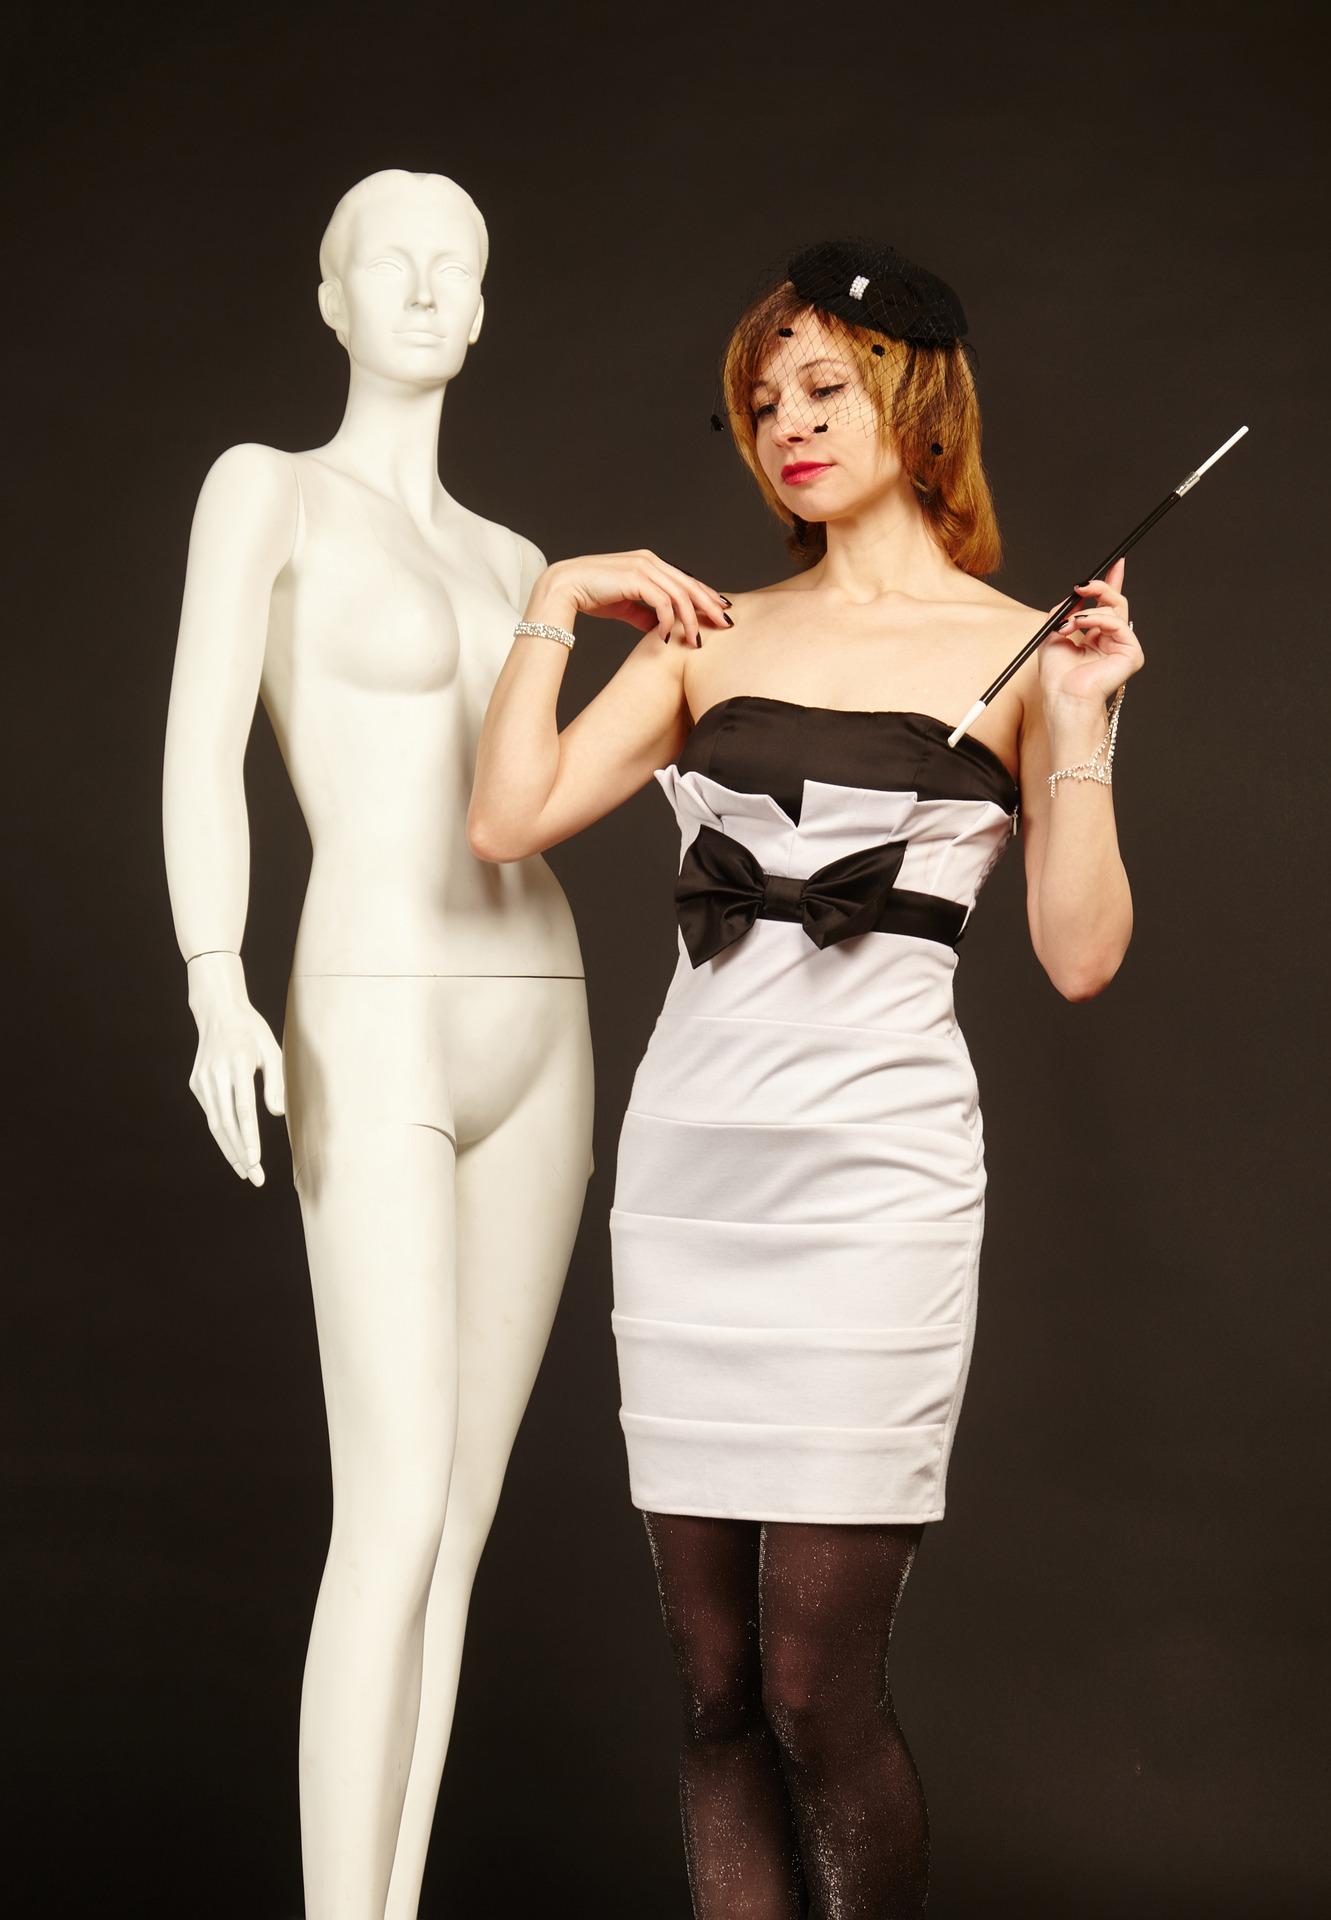 mannequin-5232388_1920